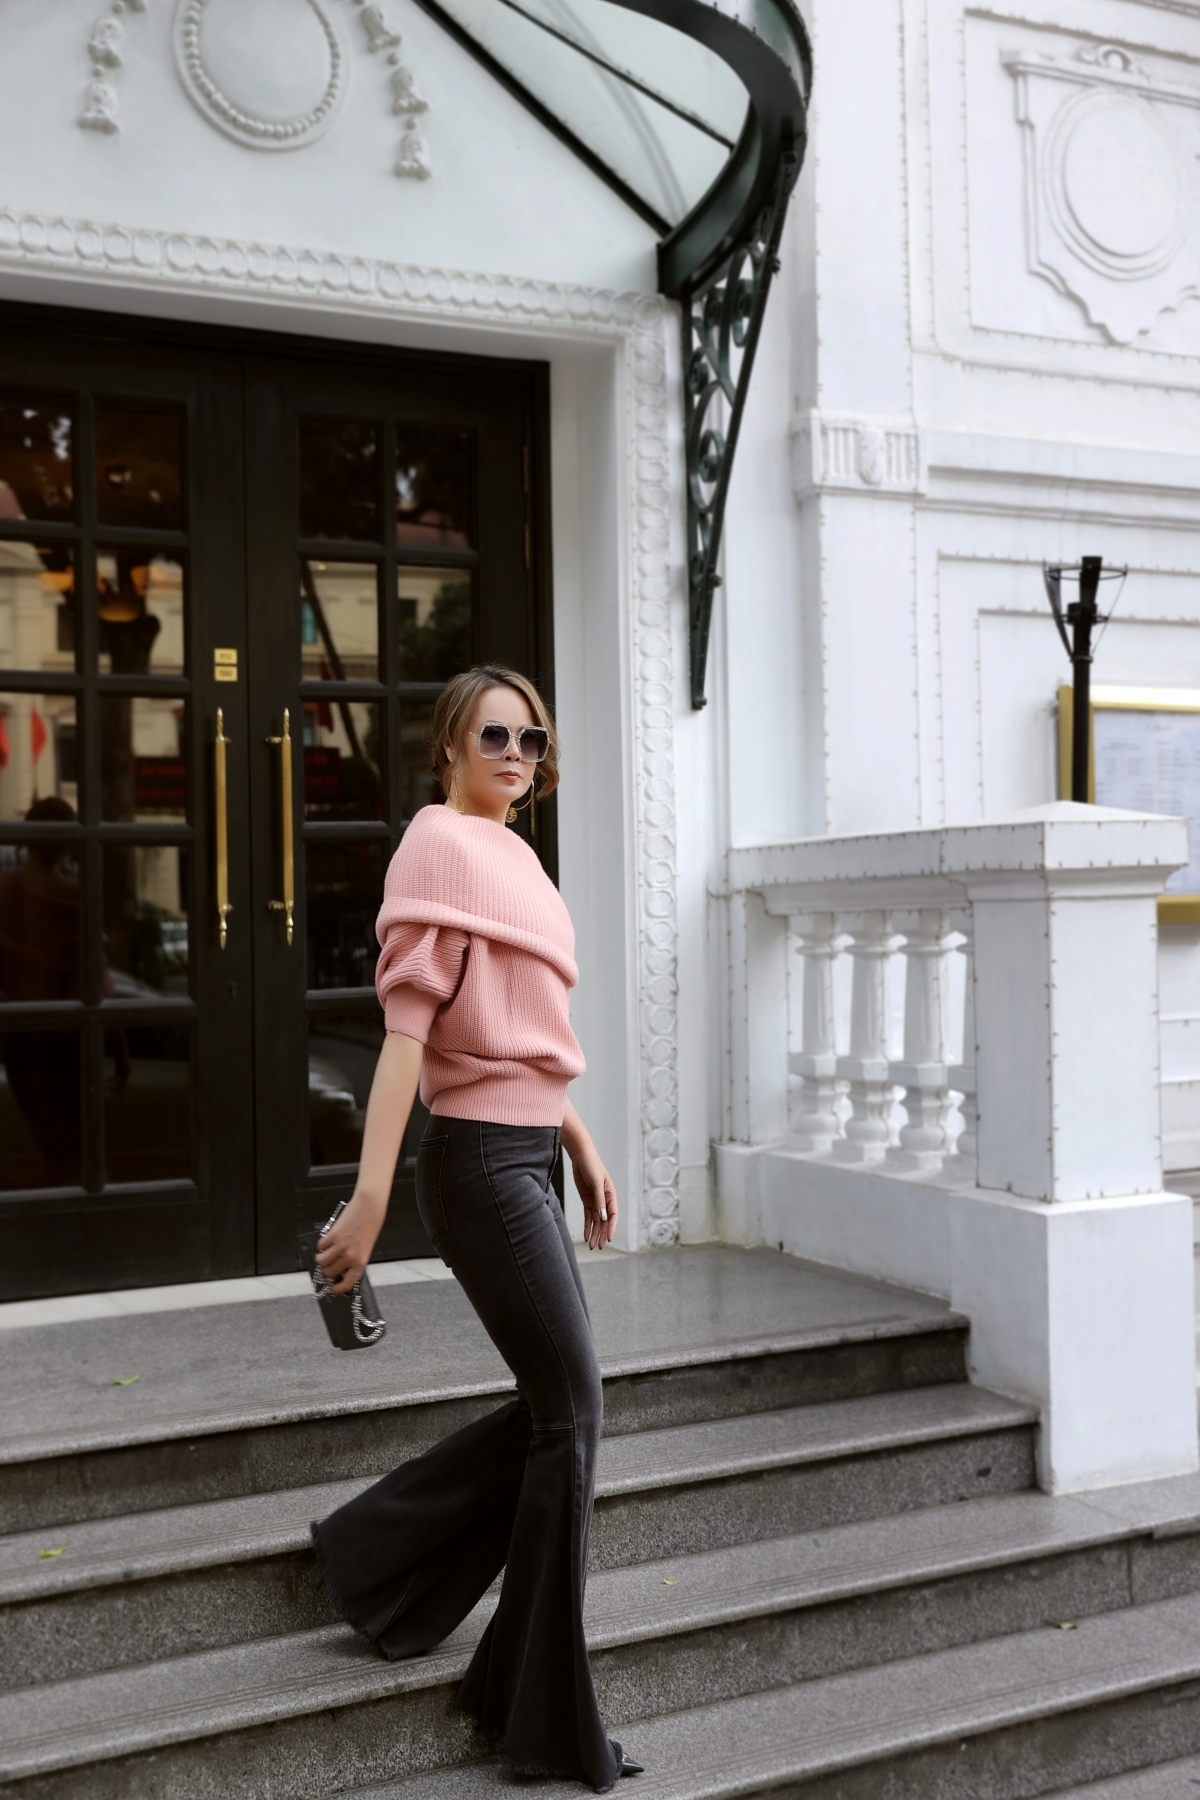 Nếu trời lạnh, chị chọn mặc 1 cái áo nhẹ bên trong và 1 cái áo khoác đủ ấm, chứ không mặc quá nhiều áo quần, ảnh hưởng phong cách thời trang.